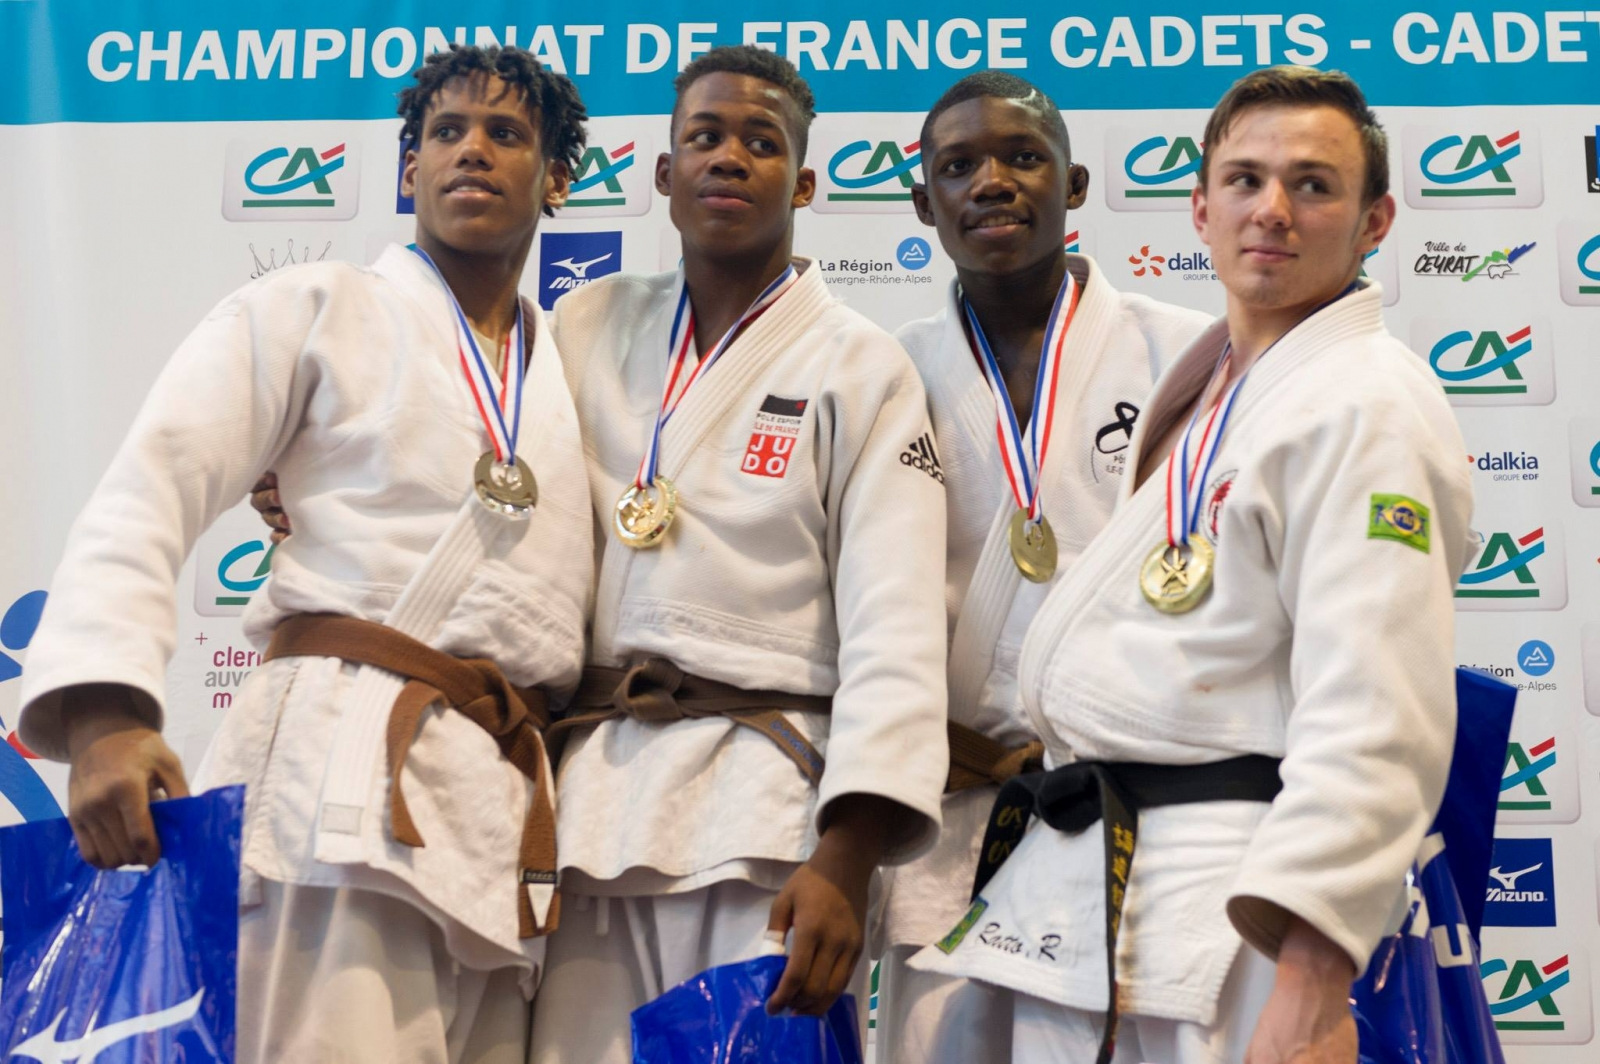 Championnat de France Cadet.te.s 2017